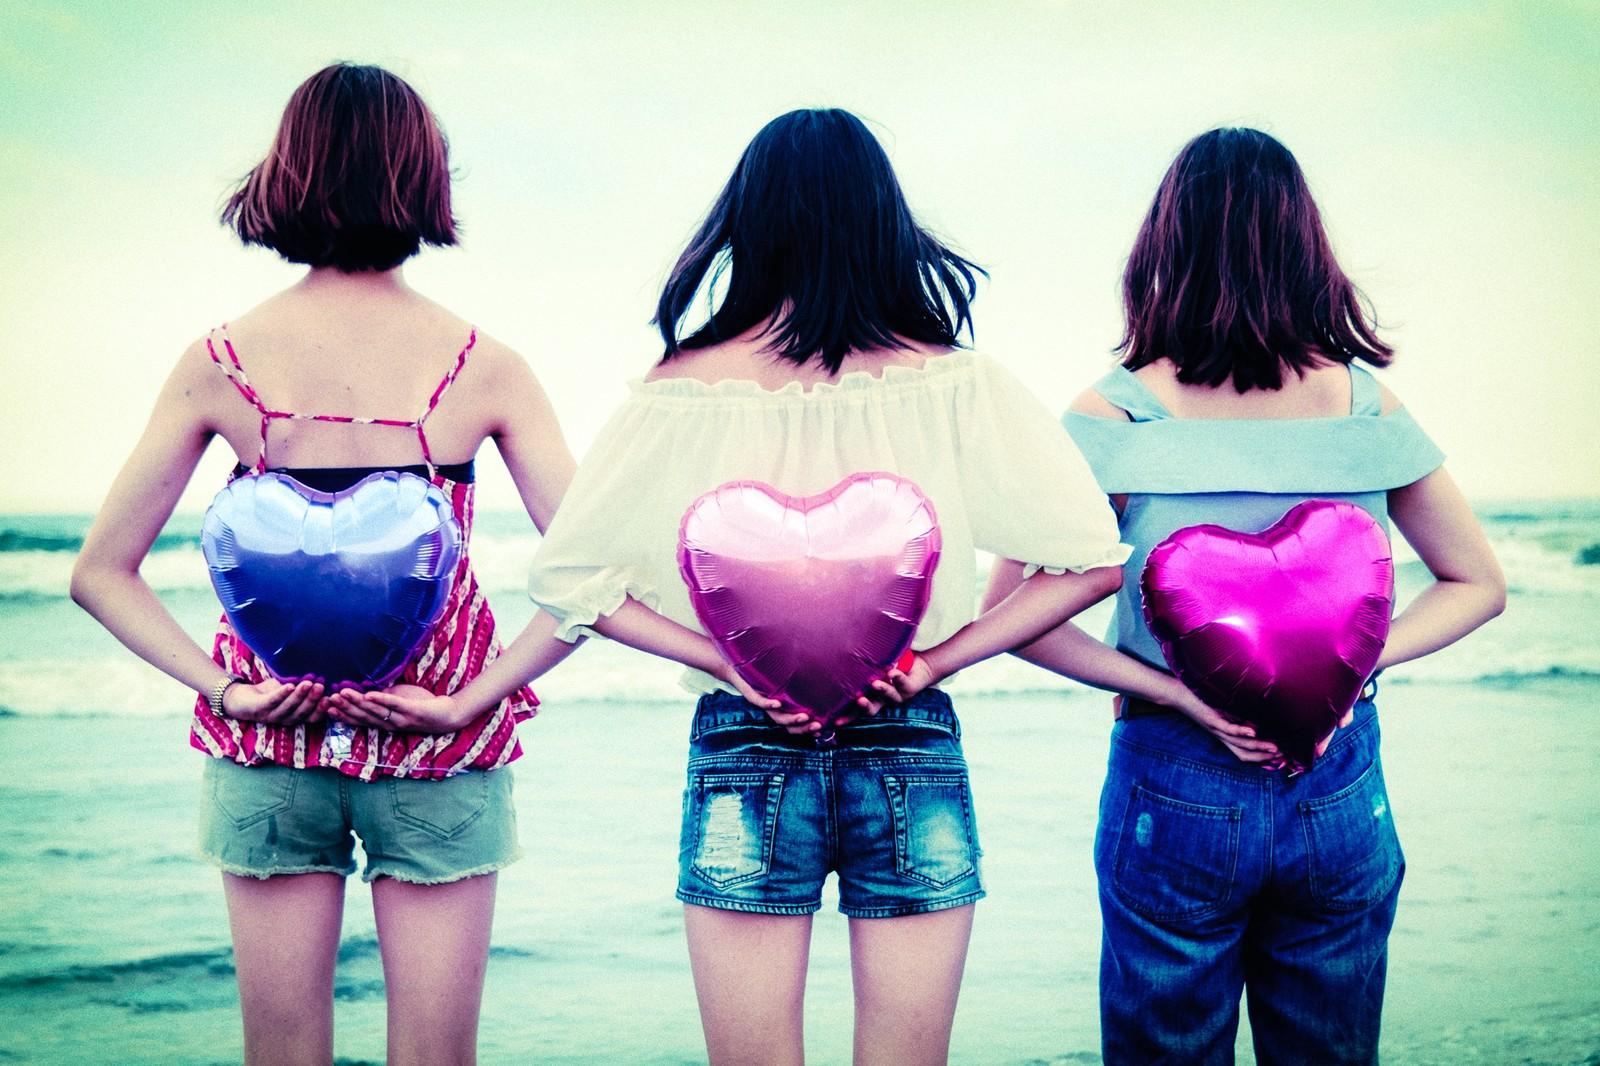 幸せをぐいぐい引き寄せる生き方♡7つのヒント